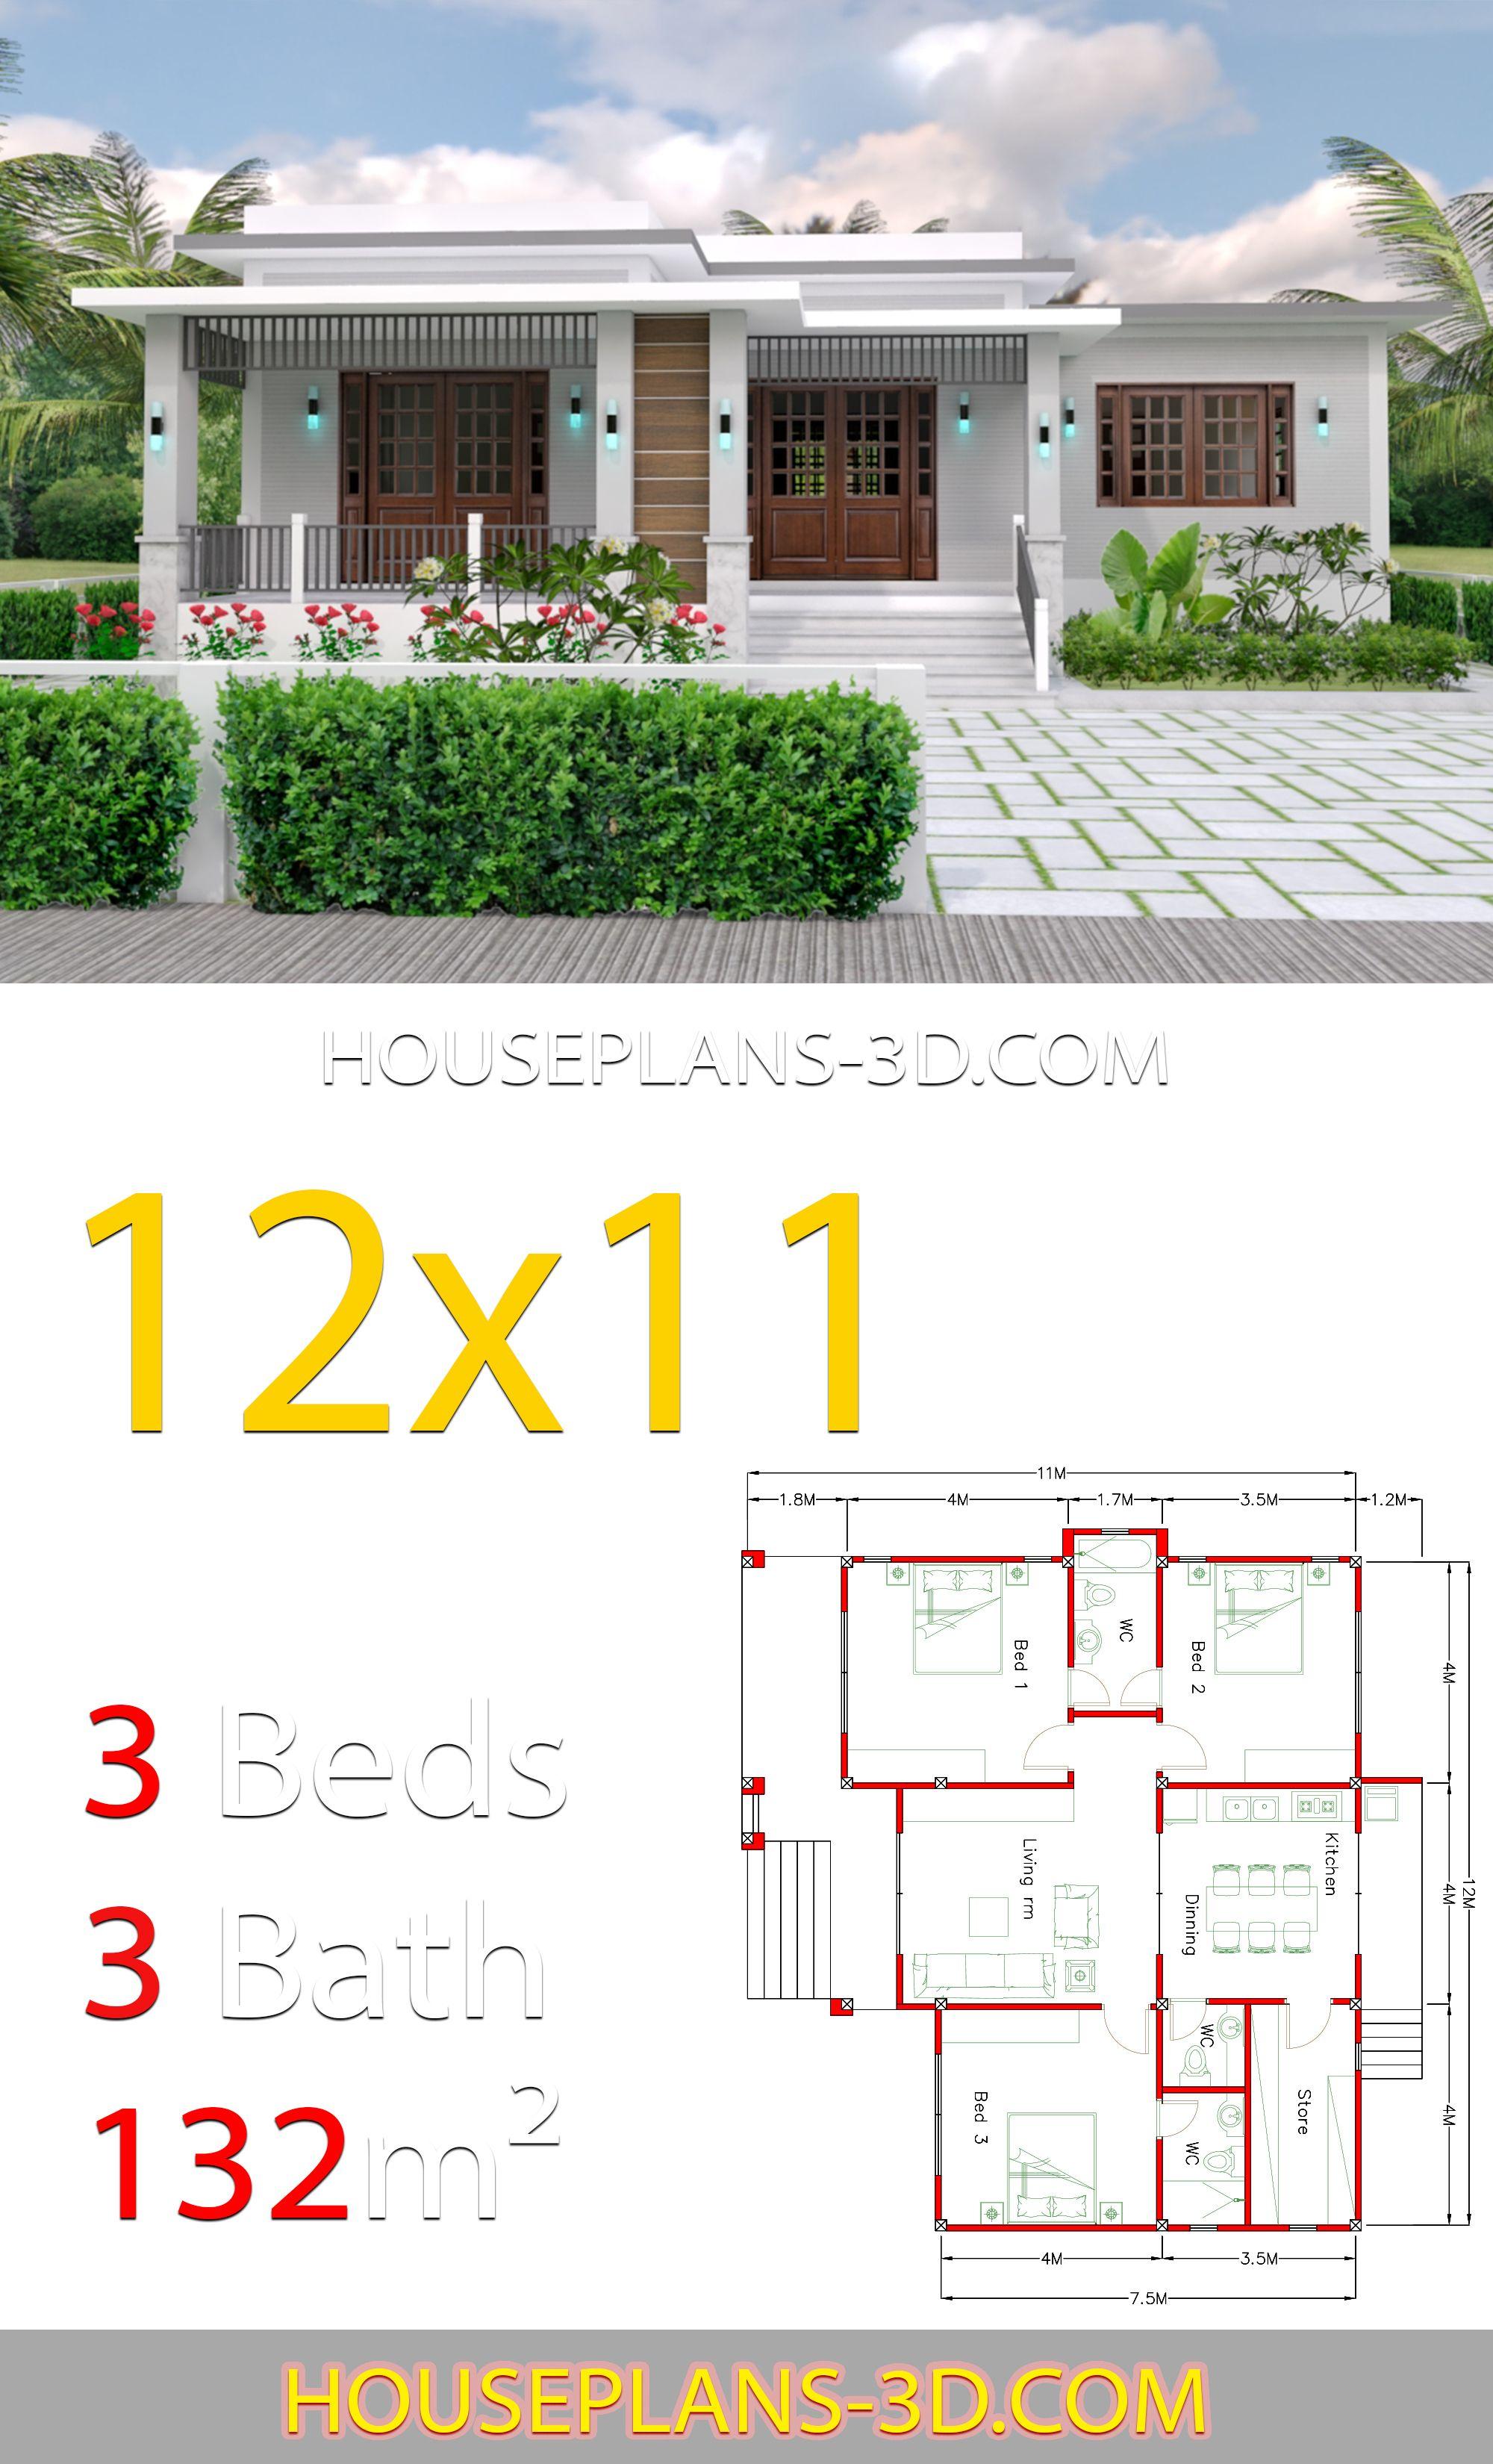 Home Design 12x11 With 3 Bedrooms Terrace Roof Modelos De Casas Sencillas Planos De Casas Sencillas